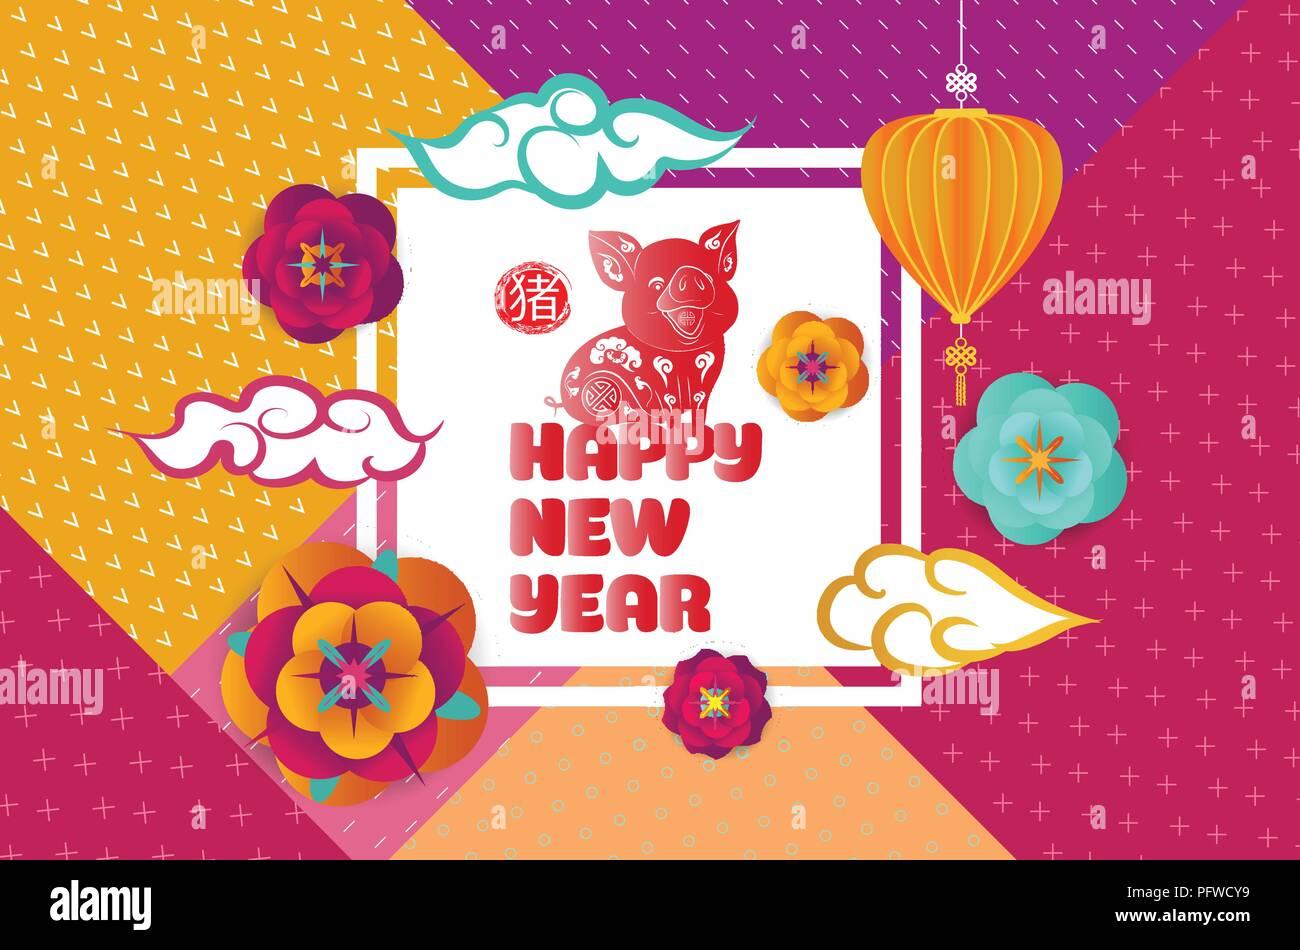 Nouvel An Chinois 2019 Carte De Vœux Papier Cadre Carre Les Fleurs